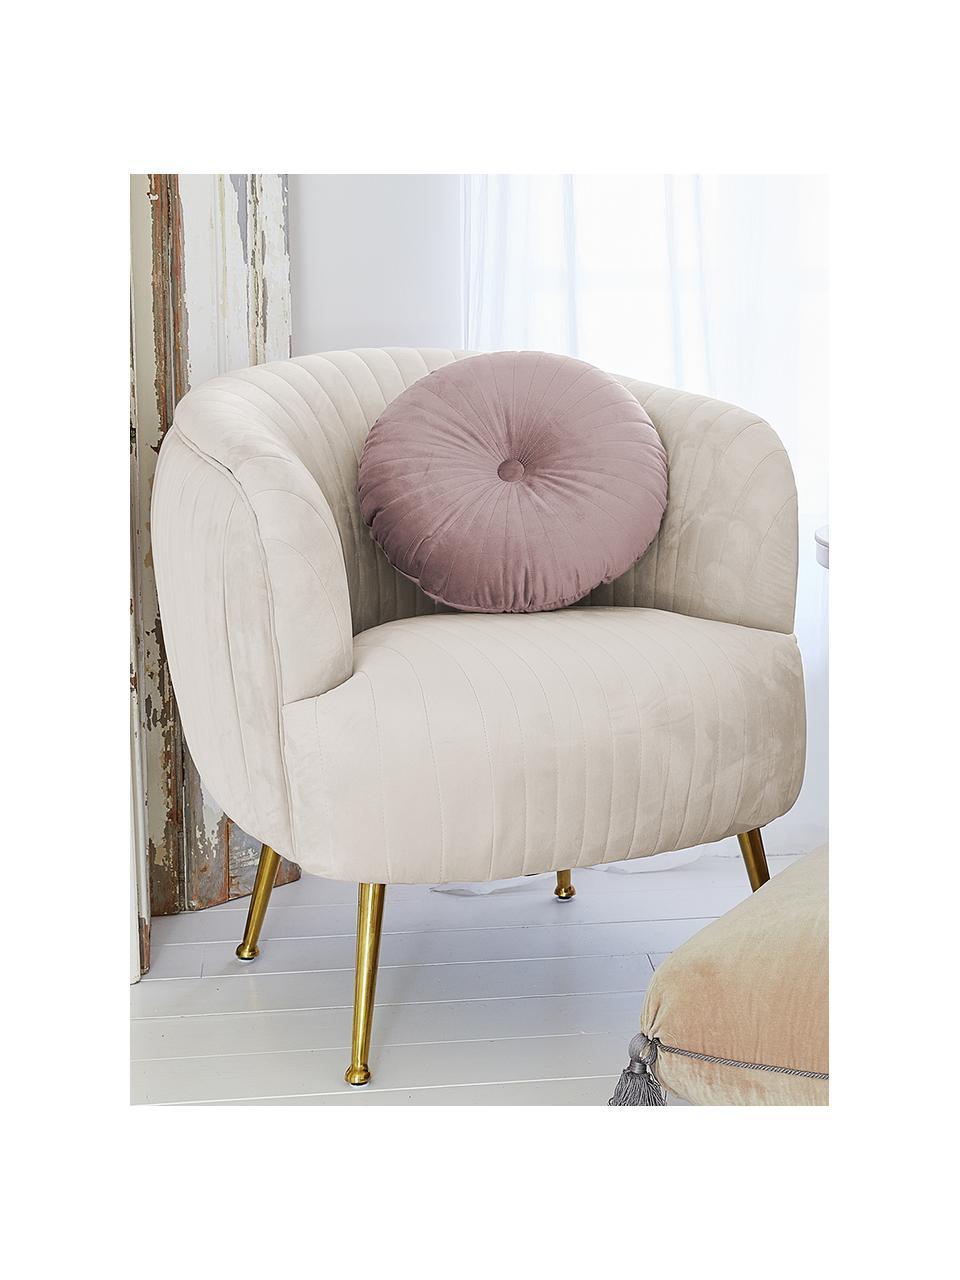 Poduszka z aksamitu z wypełnieniem Monet, Tapicerka: 100% aksamit poliestrowy, Brudny różowy, Ø 40 cm